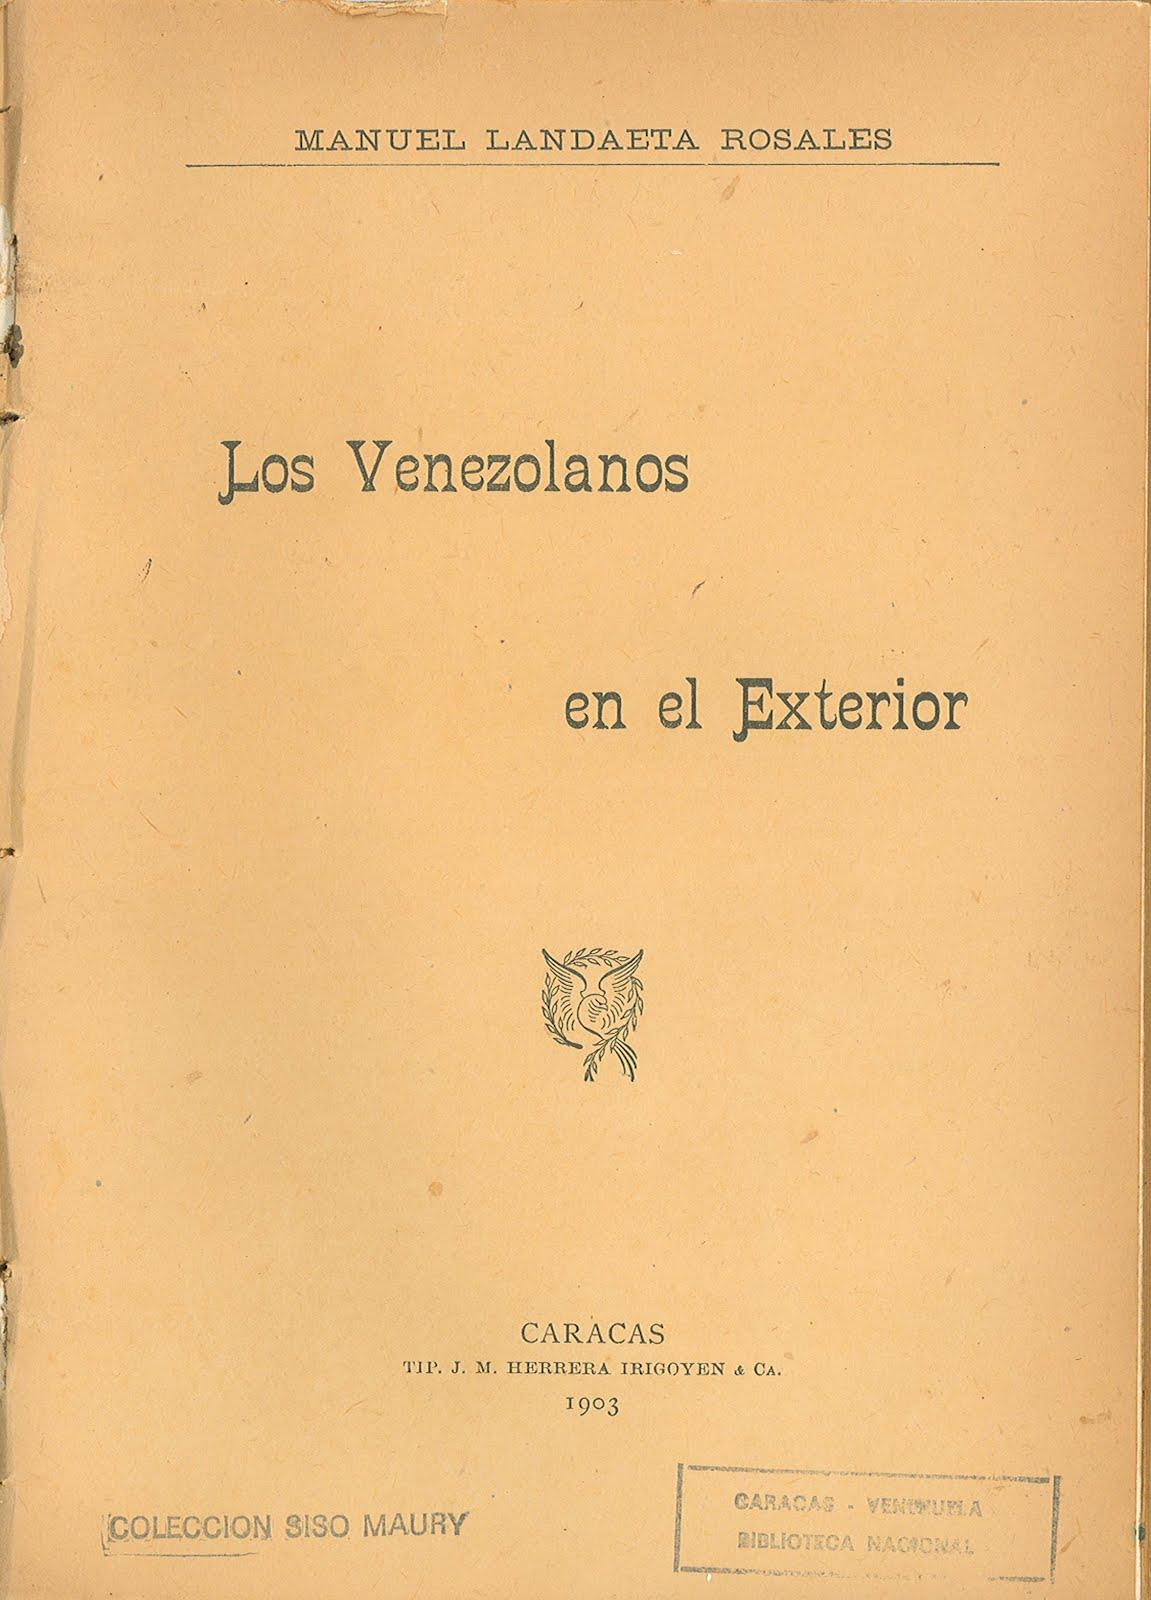 Libros raros y manuscritos biblioteca nacional de la for Venezolanos en el exterior